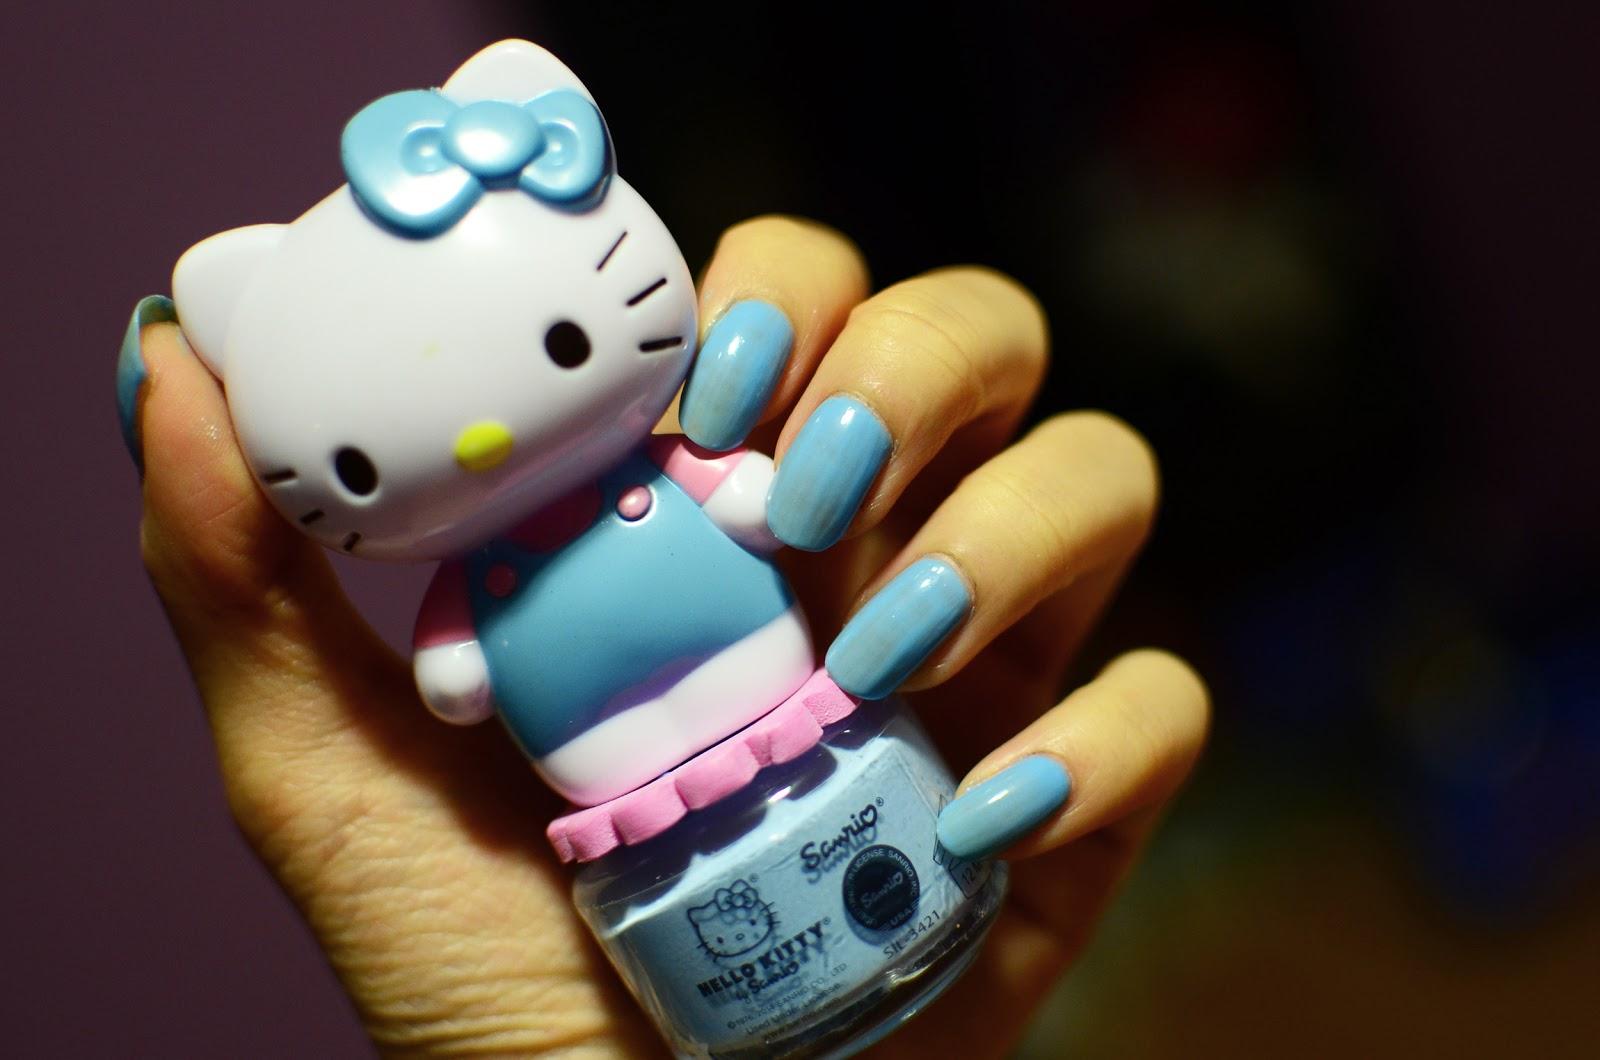 fun size beauty: Hello Kitty Peelable Nail Polish